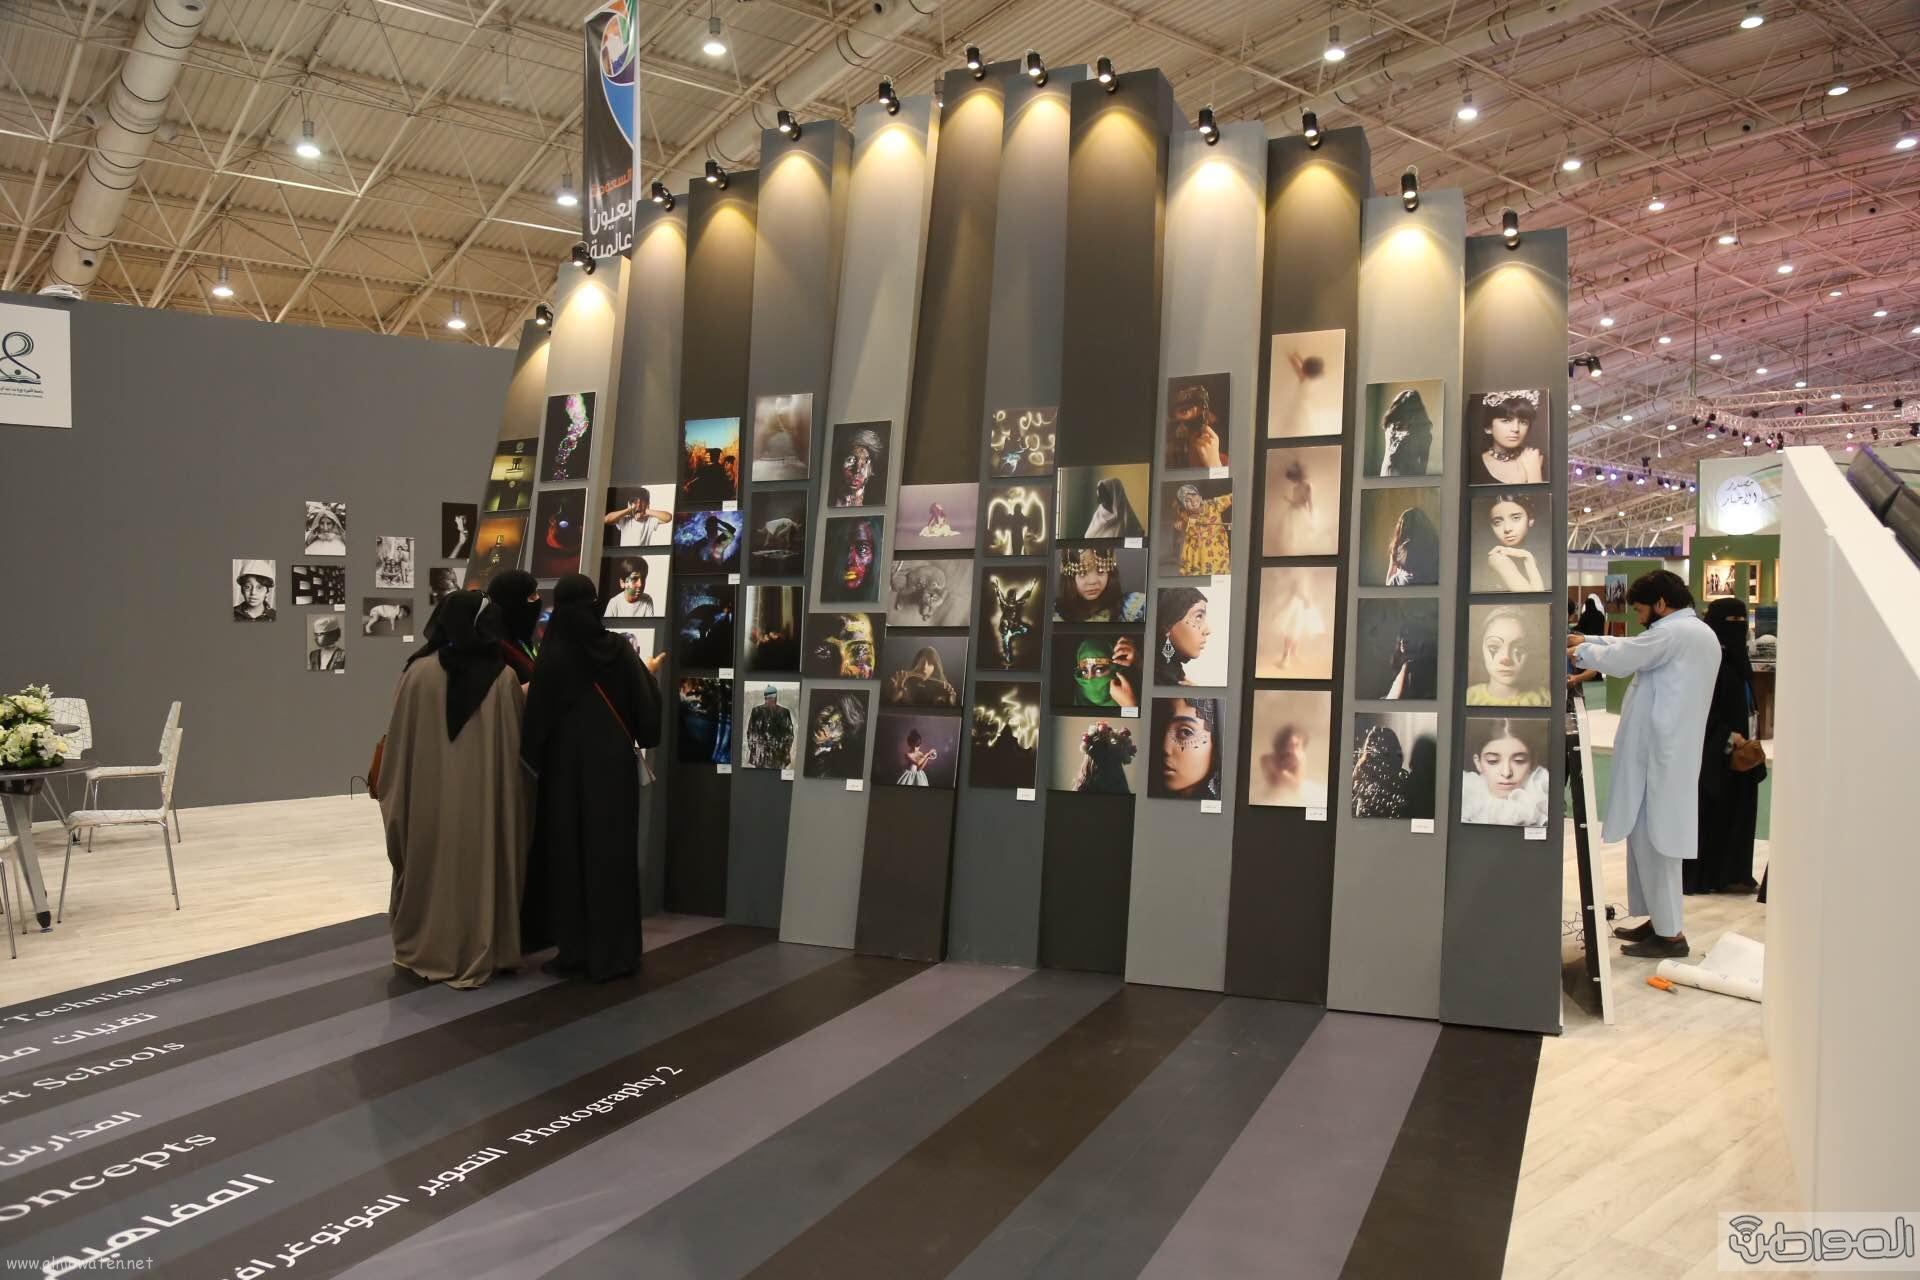 معرض-الوان-السعودية (14)